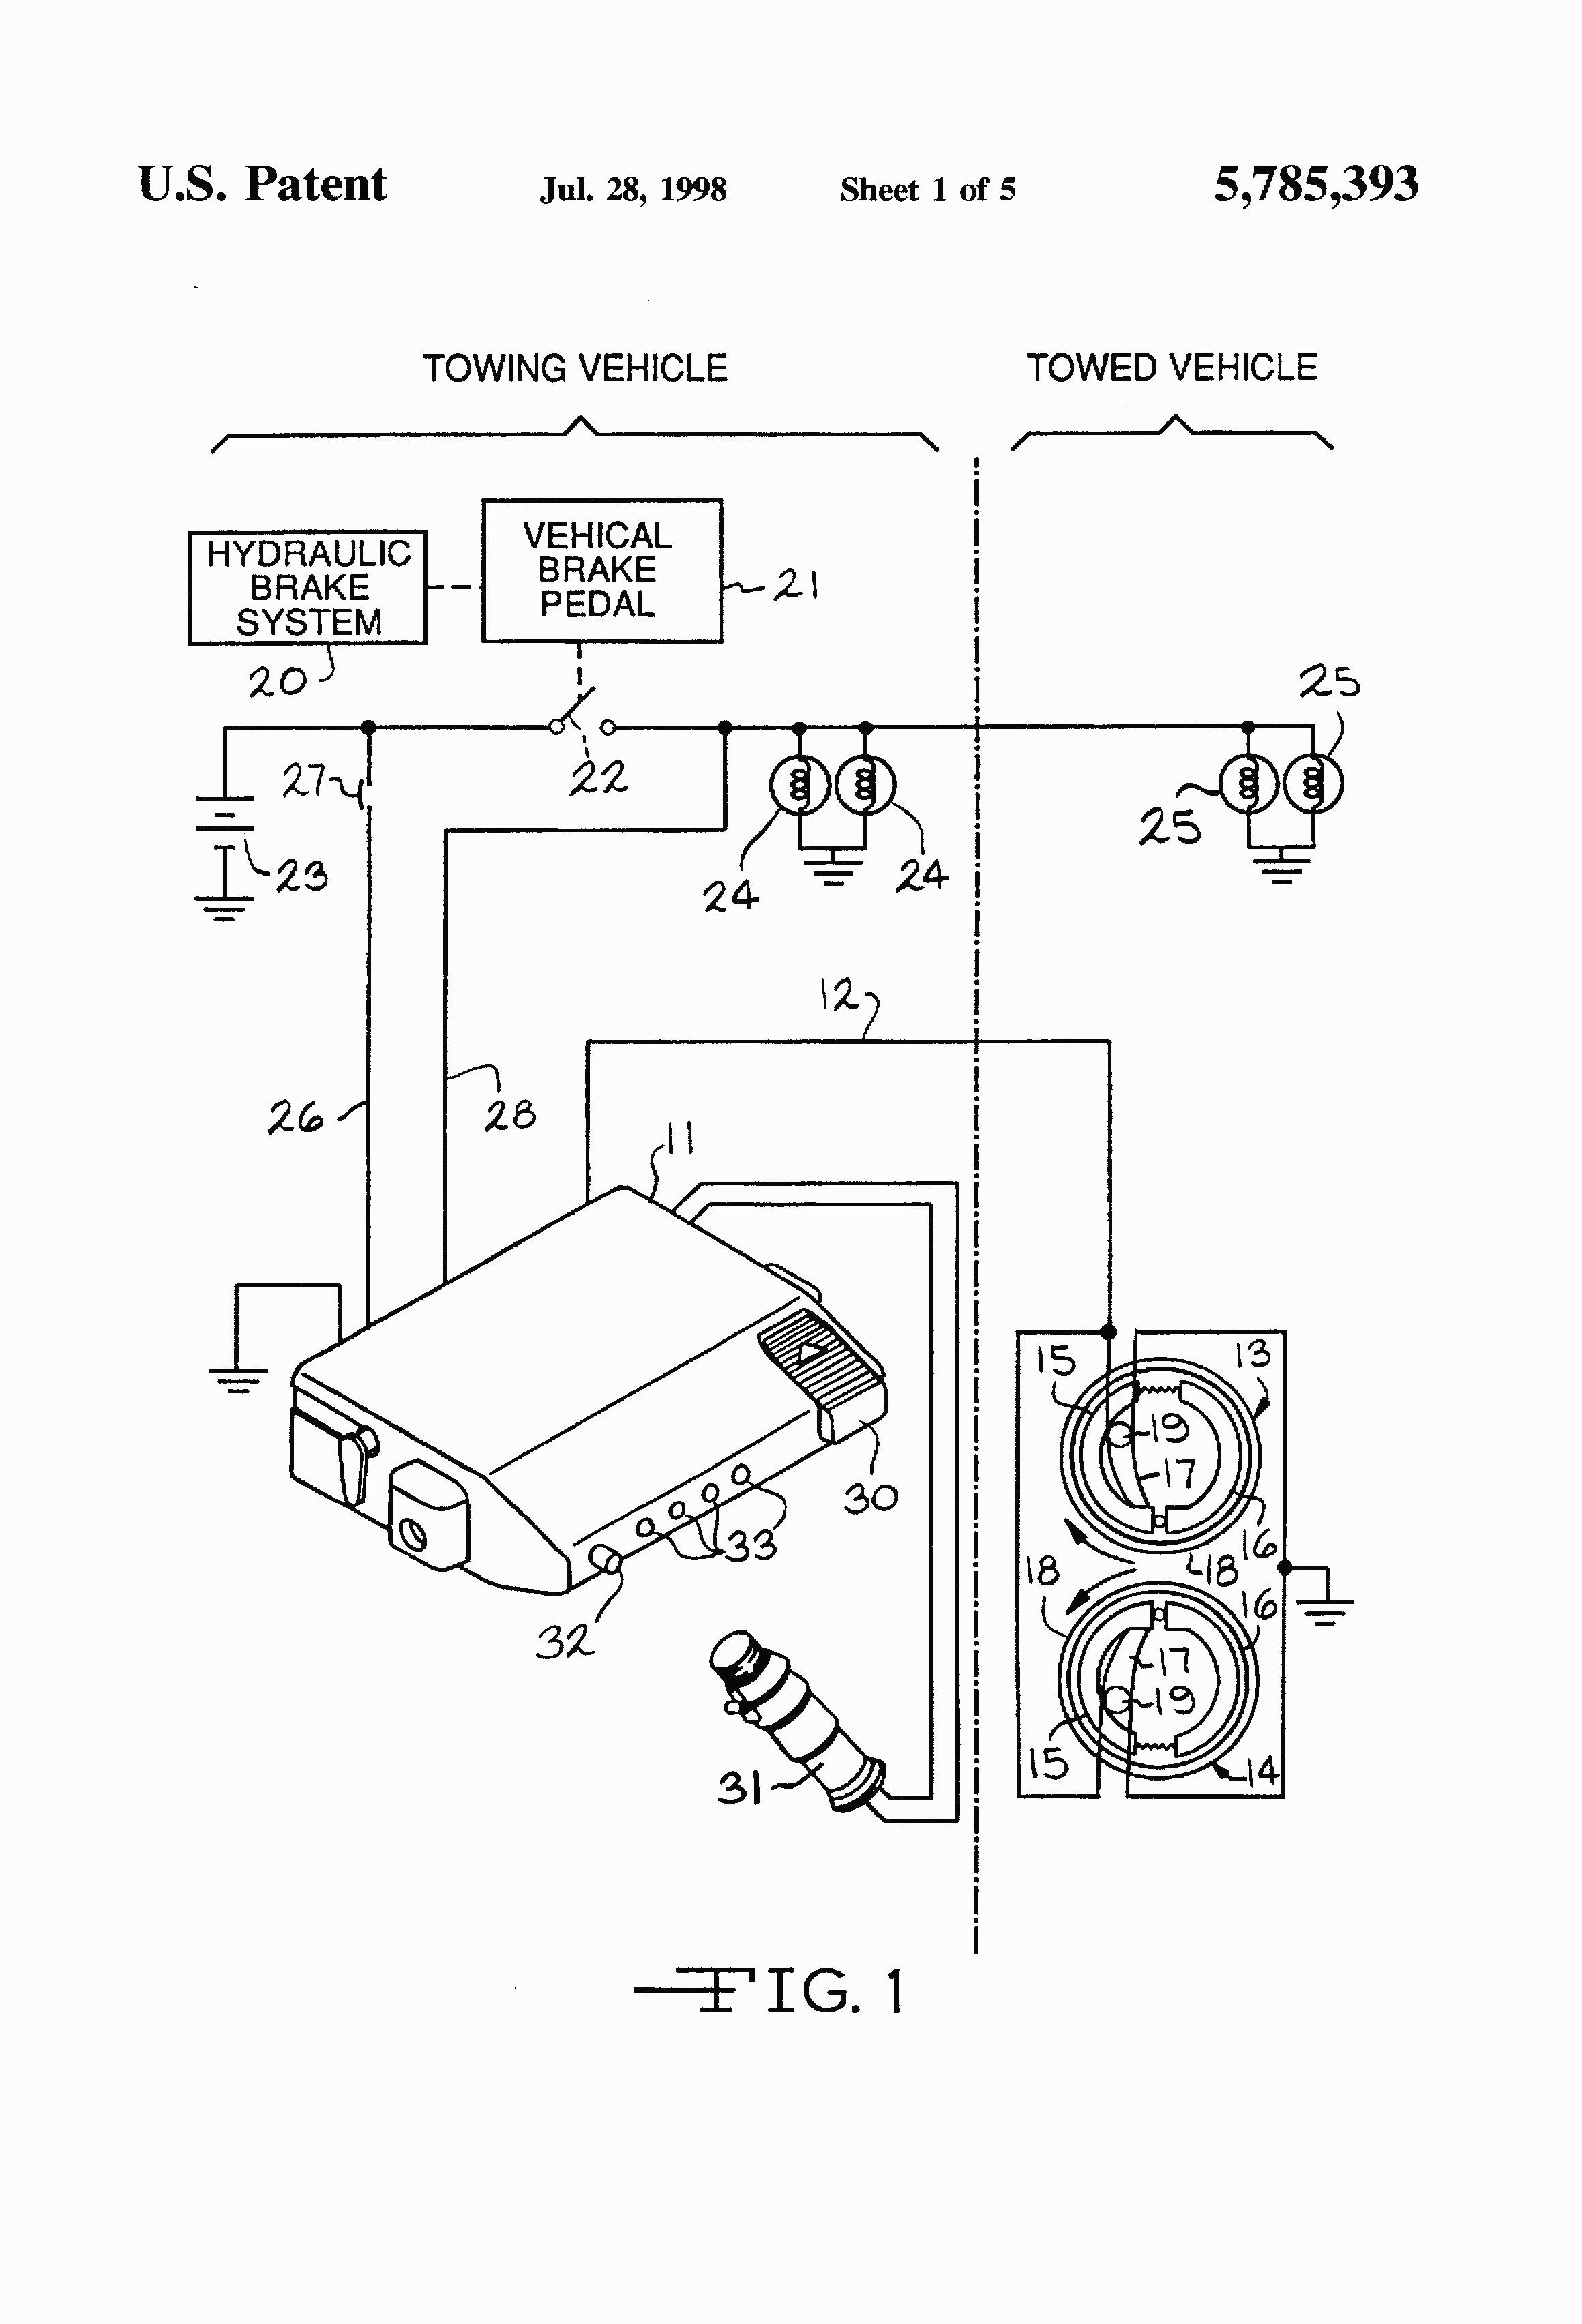 Hayes Trailer Brake Wiring Kit Diagram | Wiring Diagram - Hayes Brake Controller Wiring Diagram